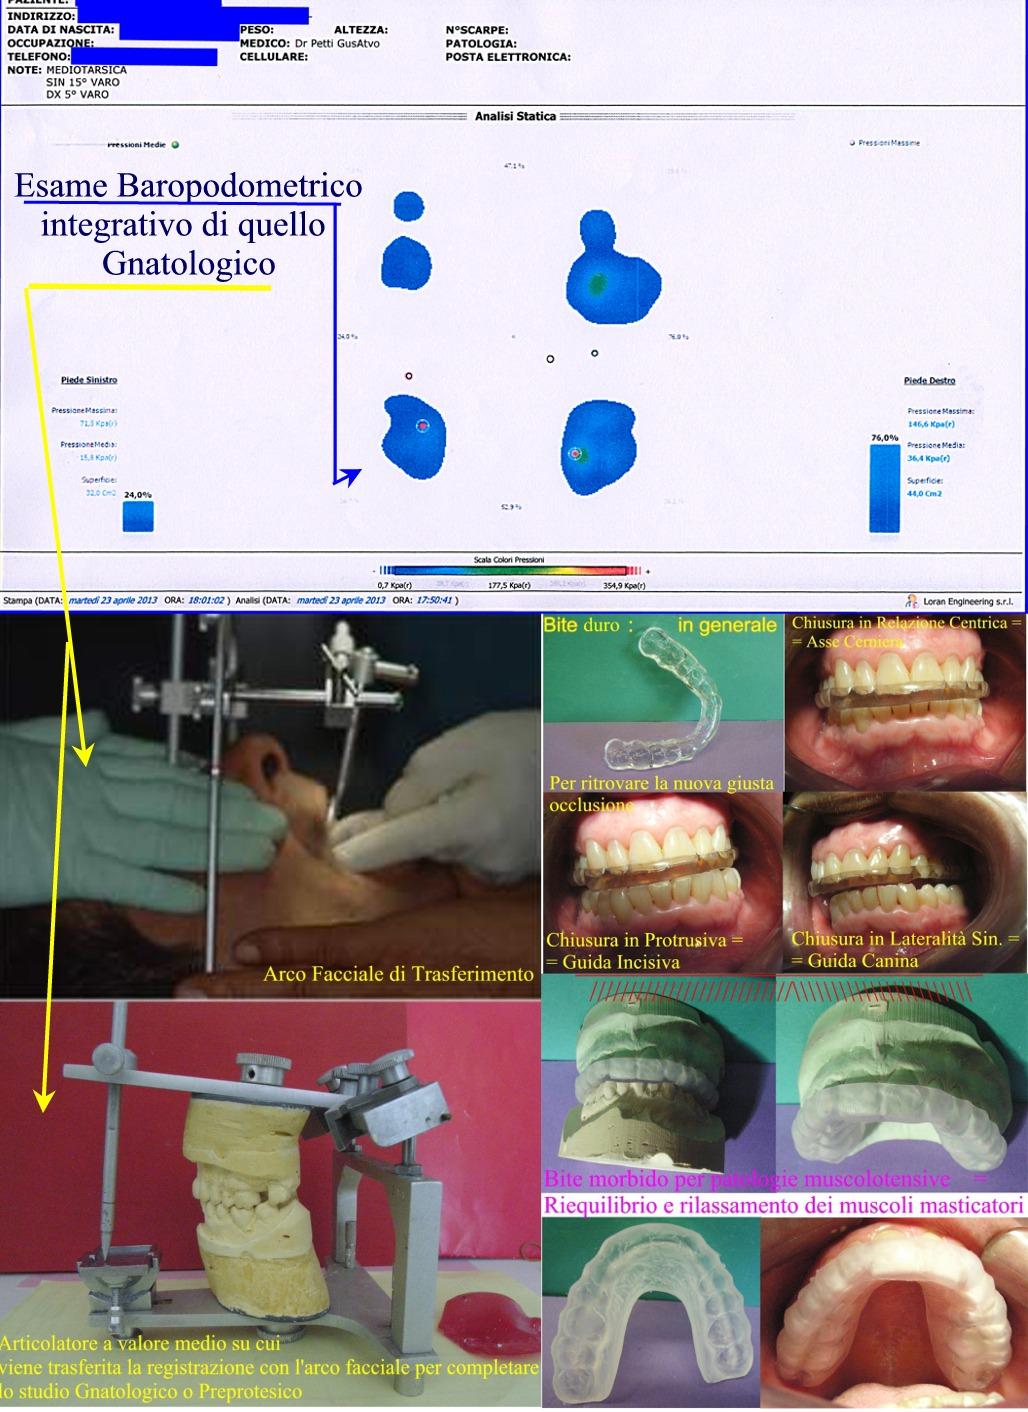 Parte di Analisi Gnatologiche. Stabilometria computerizzata. Arco Facciale di Trasferimento.Vari tipi di Bite. Da Dr. Gustavo Petti Parodontologo Gnatologo di Cagliari